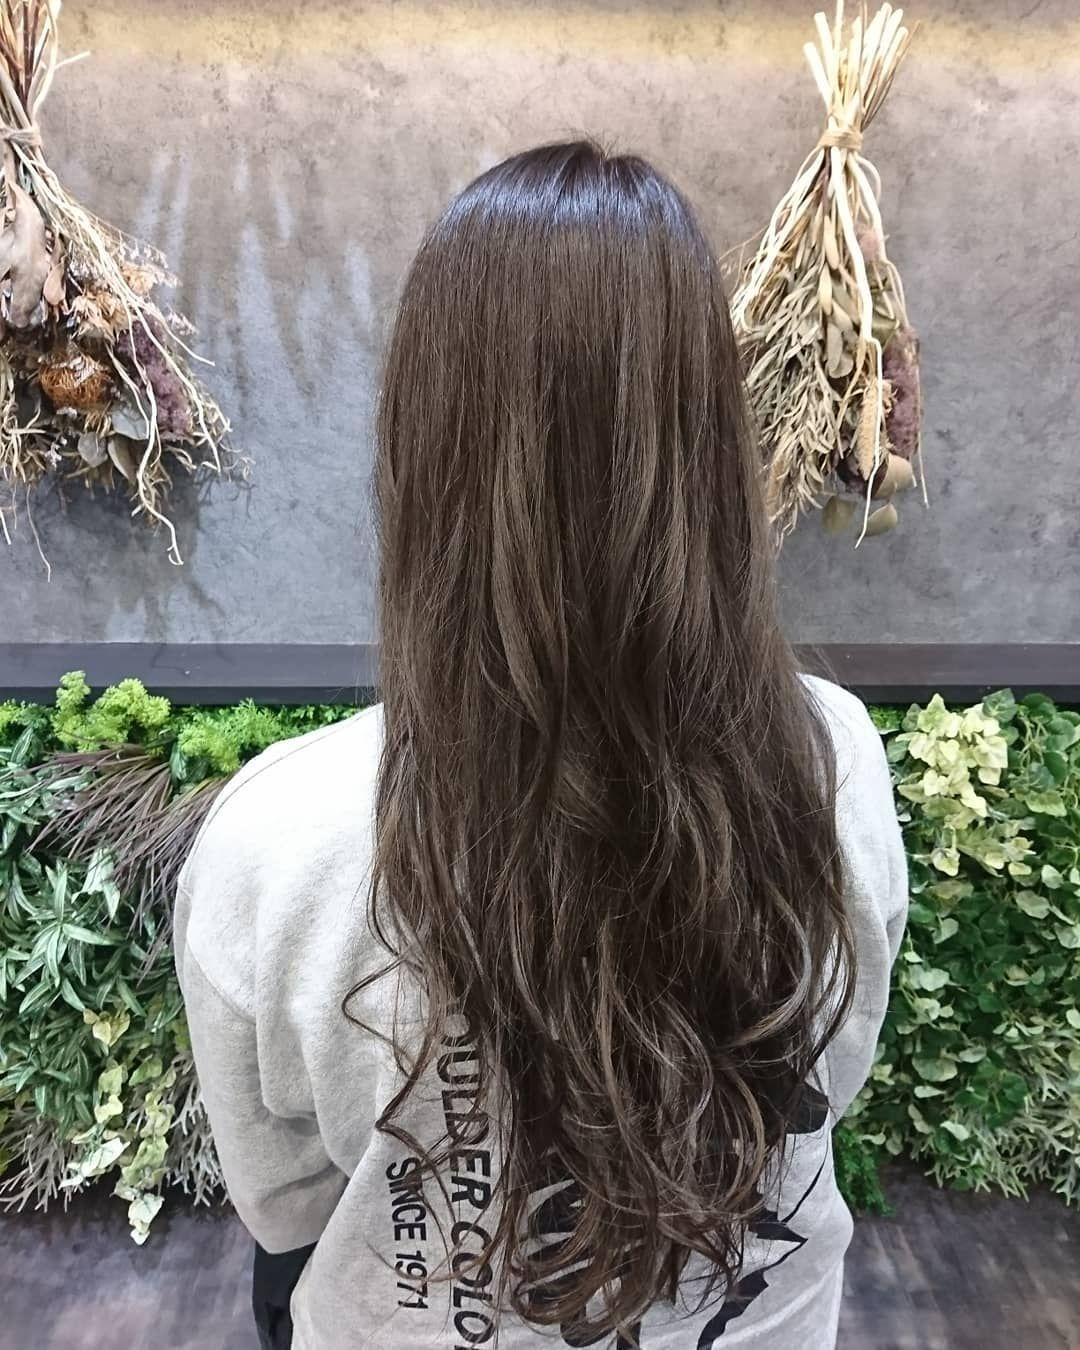 photo shared by 犬飼 佳子 agu hair ann 南松本店 on january 27 2020 tagging saya708 画像に含まれている可能性があるもの 1人以上 スーツ おしゃれ レディース カラートリートメント アッシュグレージュ